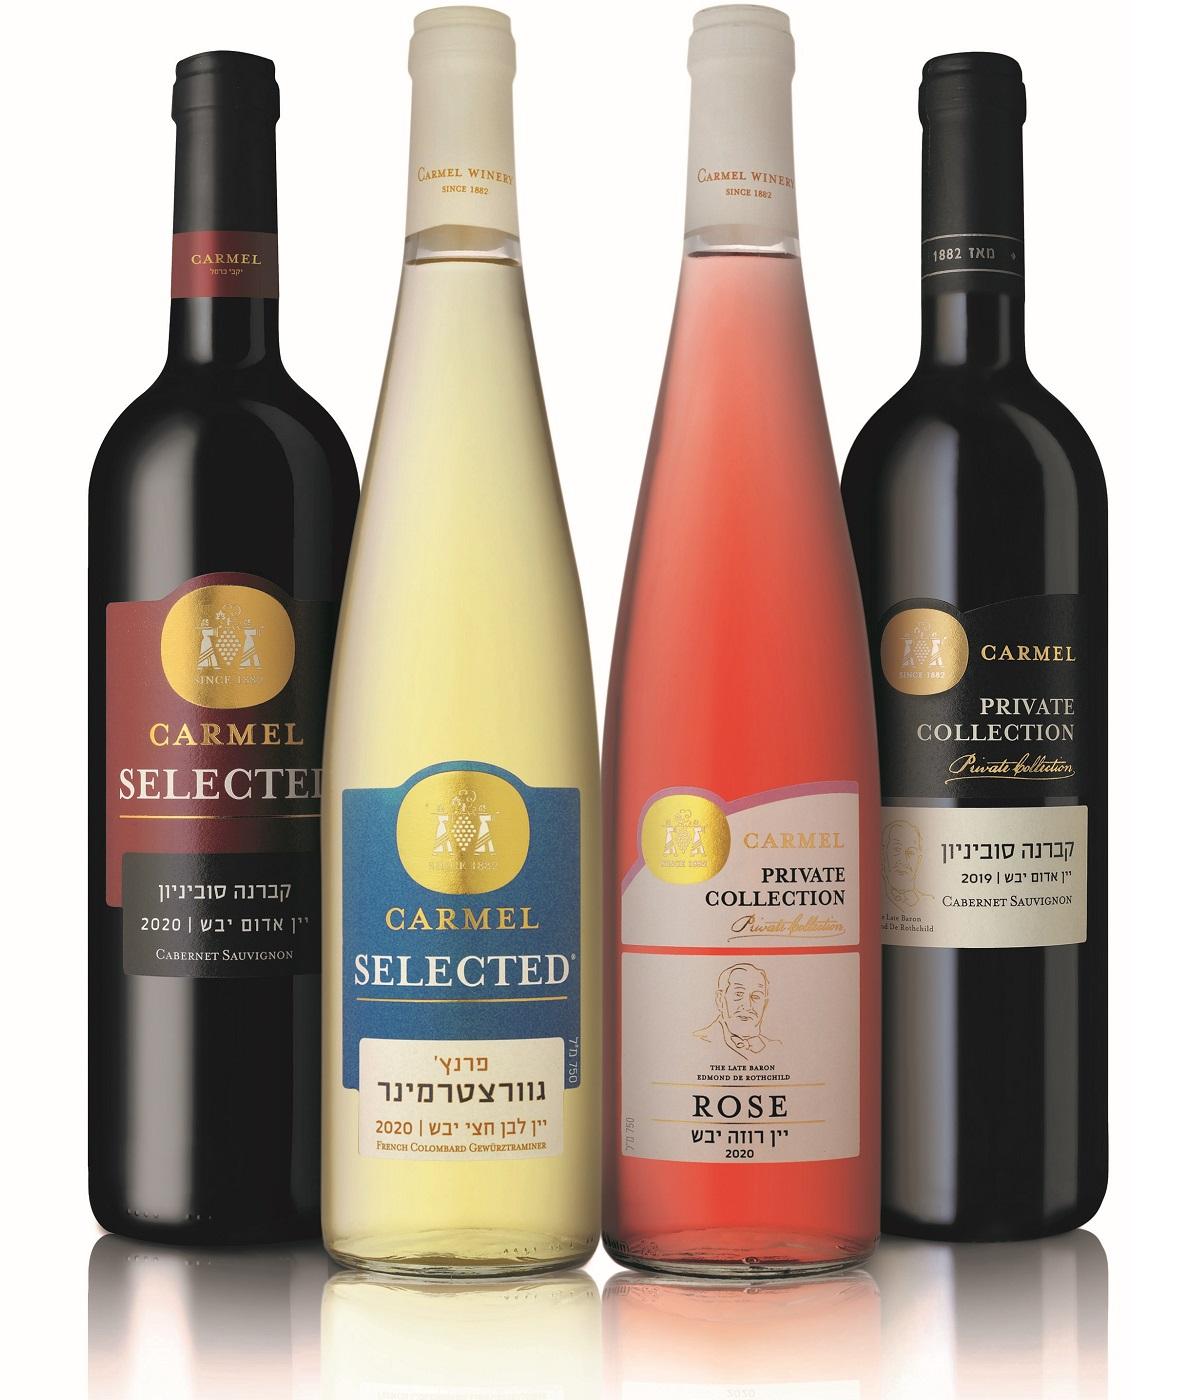 """אדום לבן ורוזה - יינות חדשים של יקבי כרמל לפסח תשפ""""א. צילום: איל קרן"""